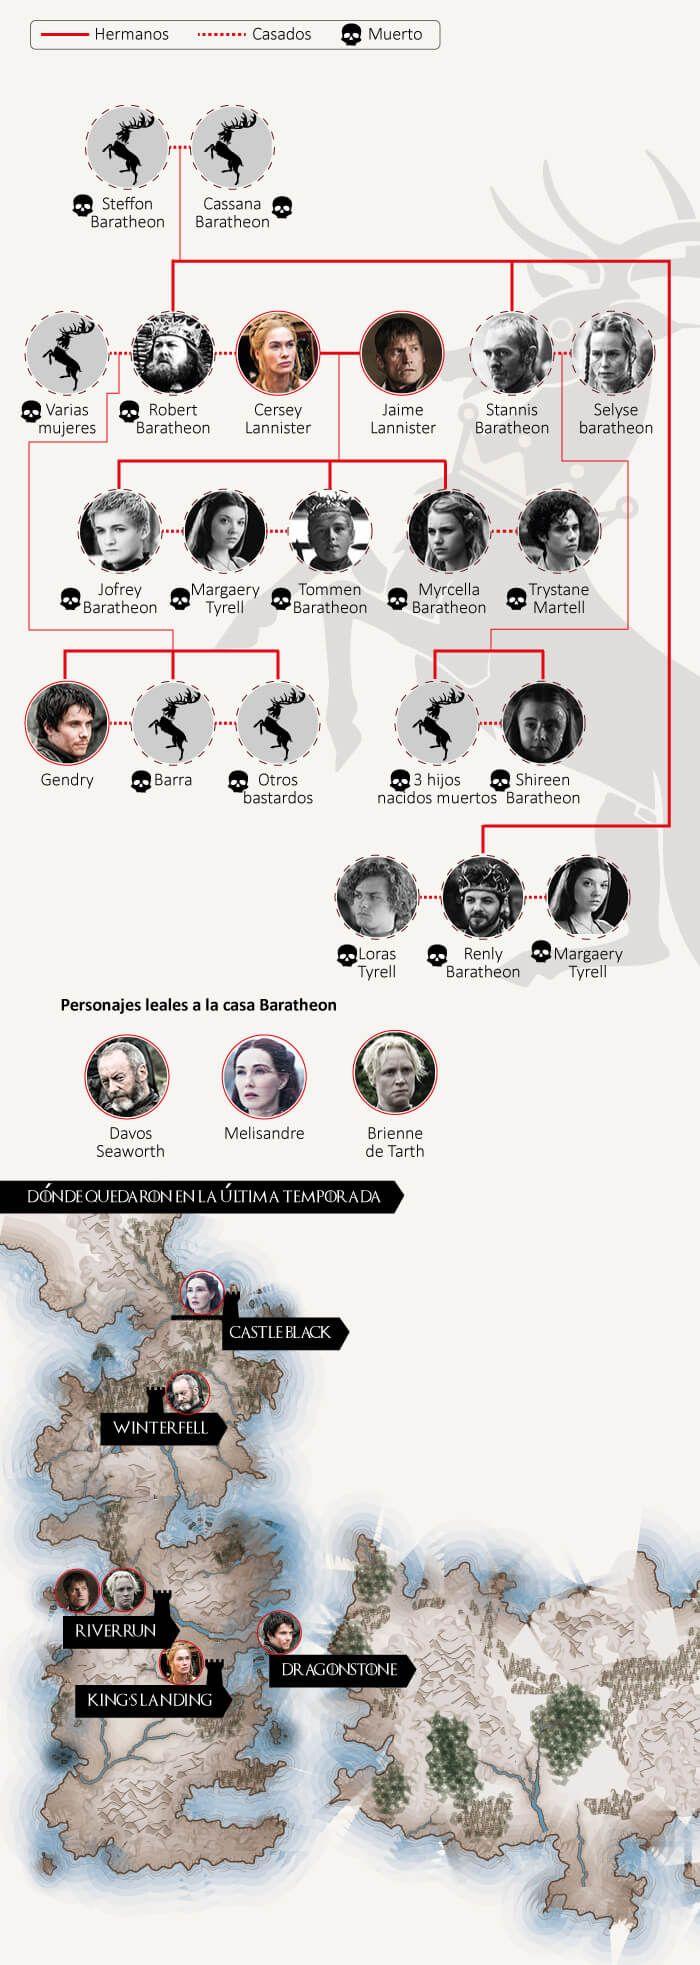 Casa Baratheon: lema, significado y escudo de la familia Baratheon